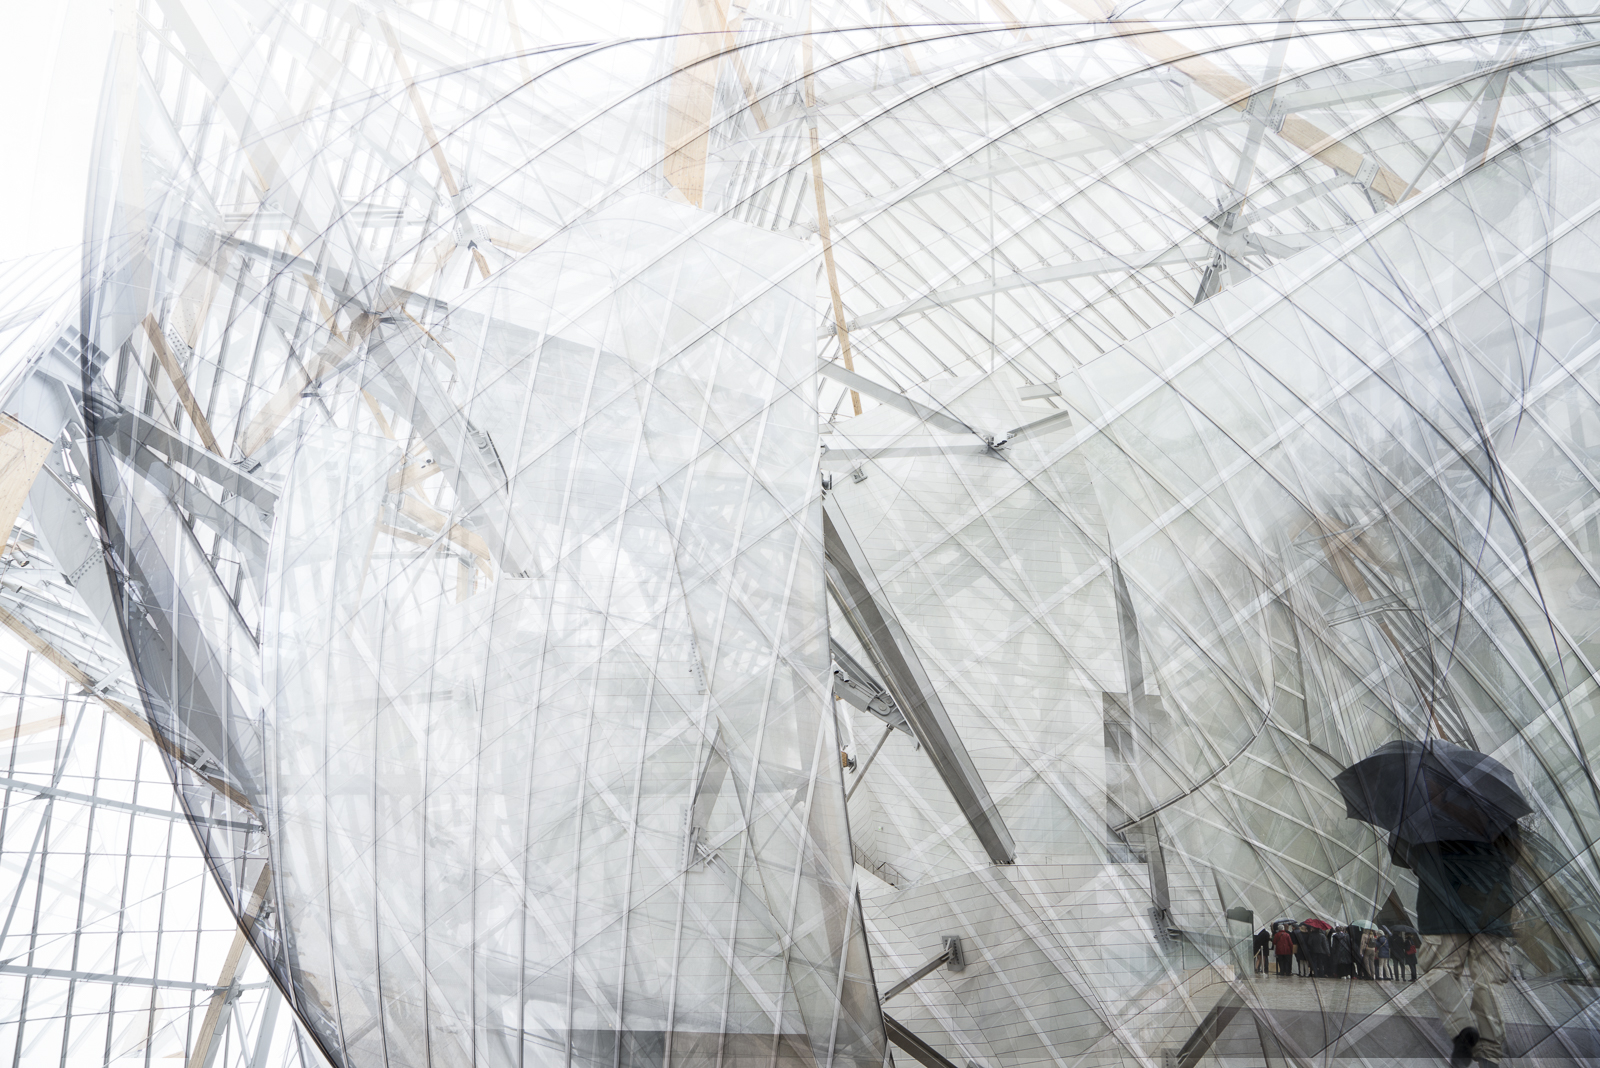 Fondation Louis-Vuitton, Paris, France